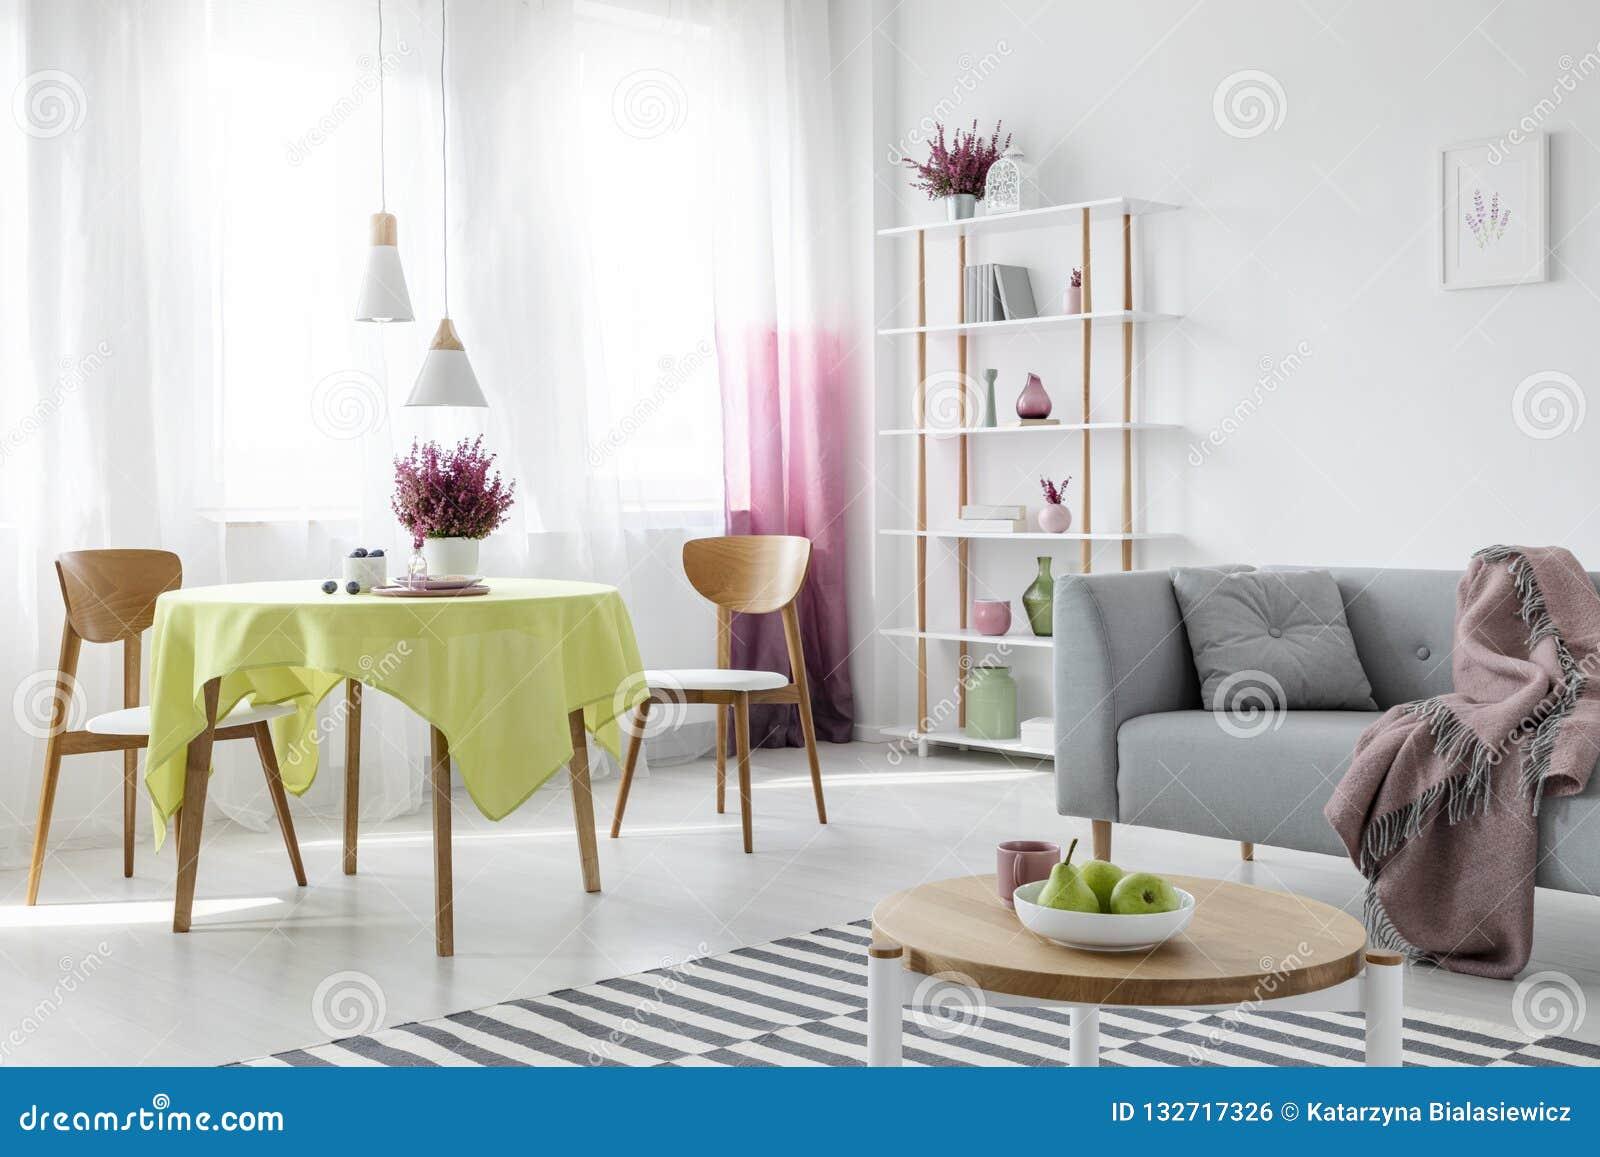 Διαβίωση και τραπεζαρία στο διαμέρισμα με τον γκρίζο καναπέ και τα ξύλινα έπιπλα, πραγματική φωτογραφία